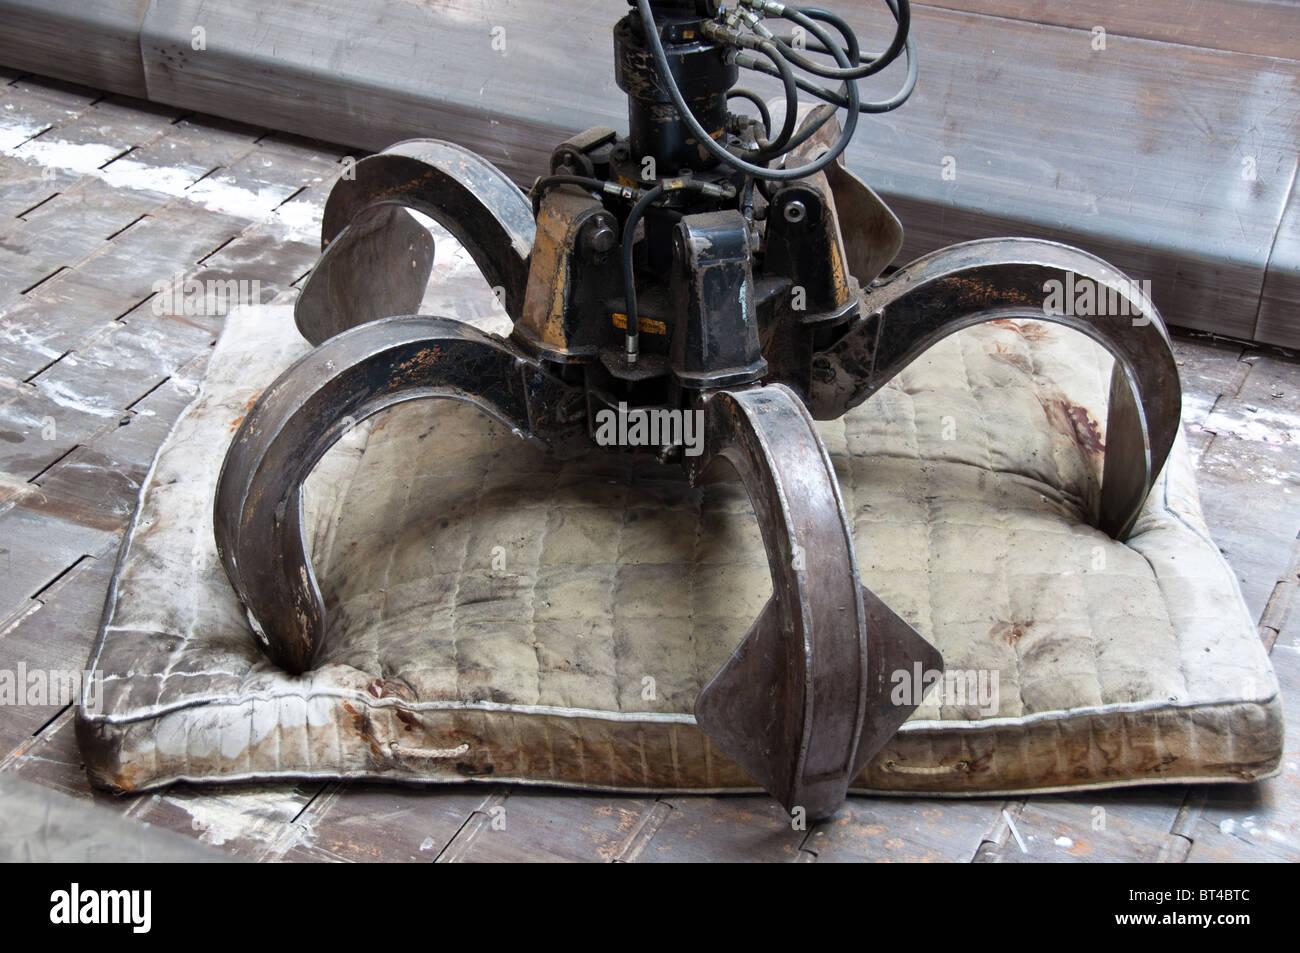 Dettaglio di impianto di rifiuti: vecchio materasso con griffa di grandi dimensioni sul nastro trasportatore Immagini Stock